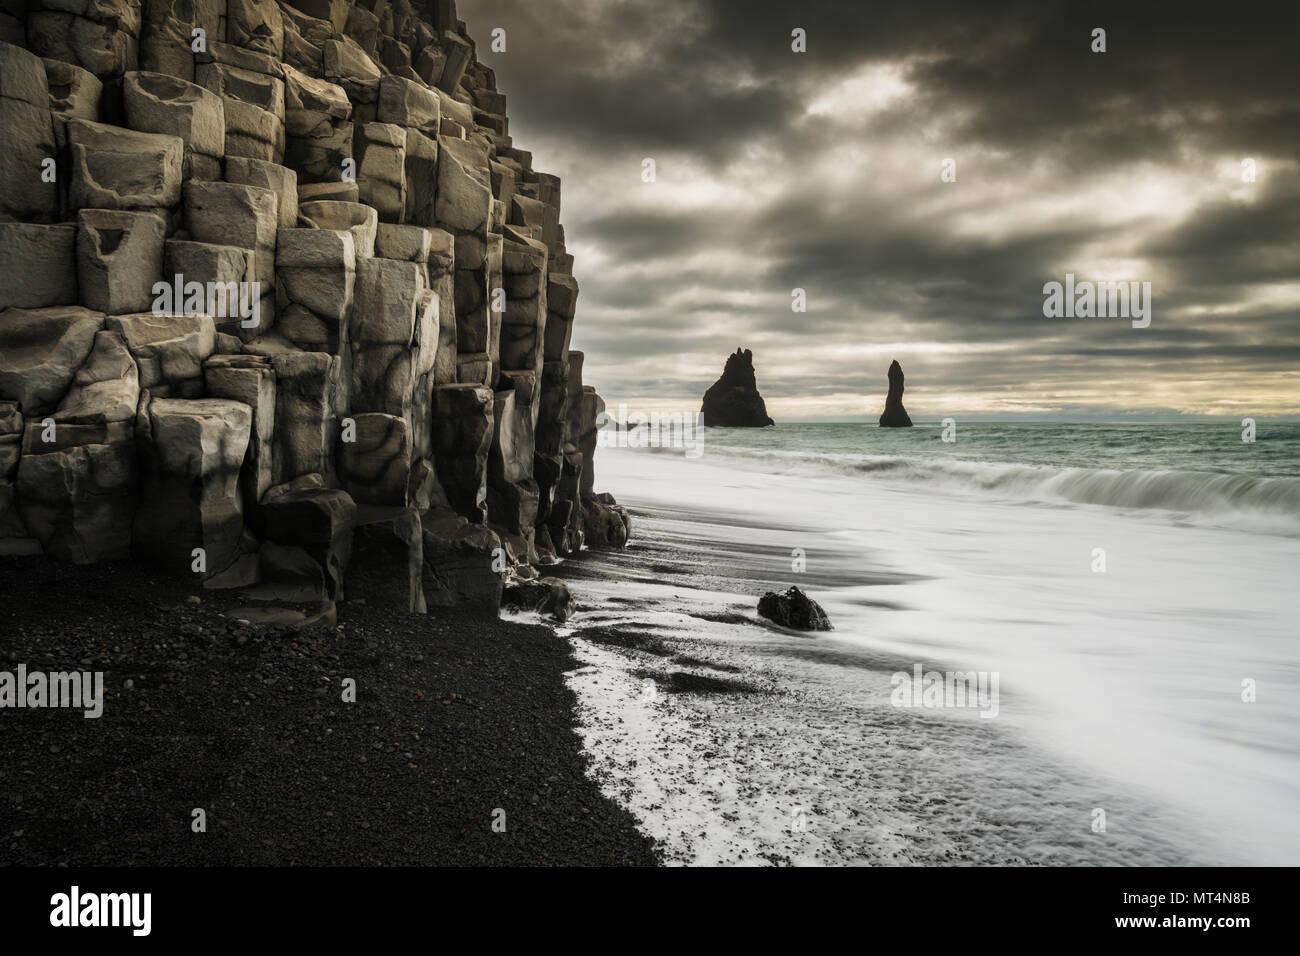 Berühmten schwarzen Strand Reynisfjara mit Basalt coloumns und die reynisdrangar sea Stacks. Stockbild